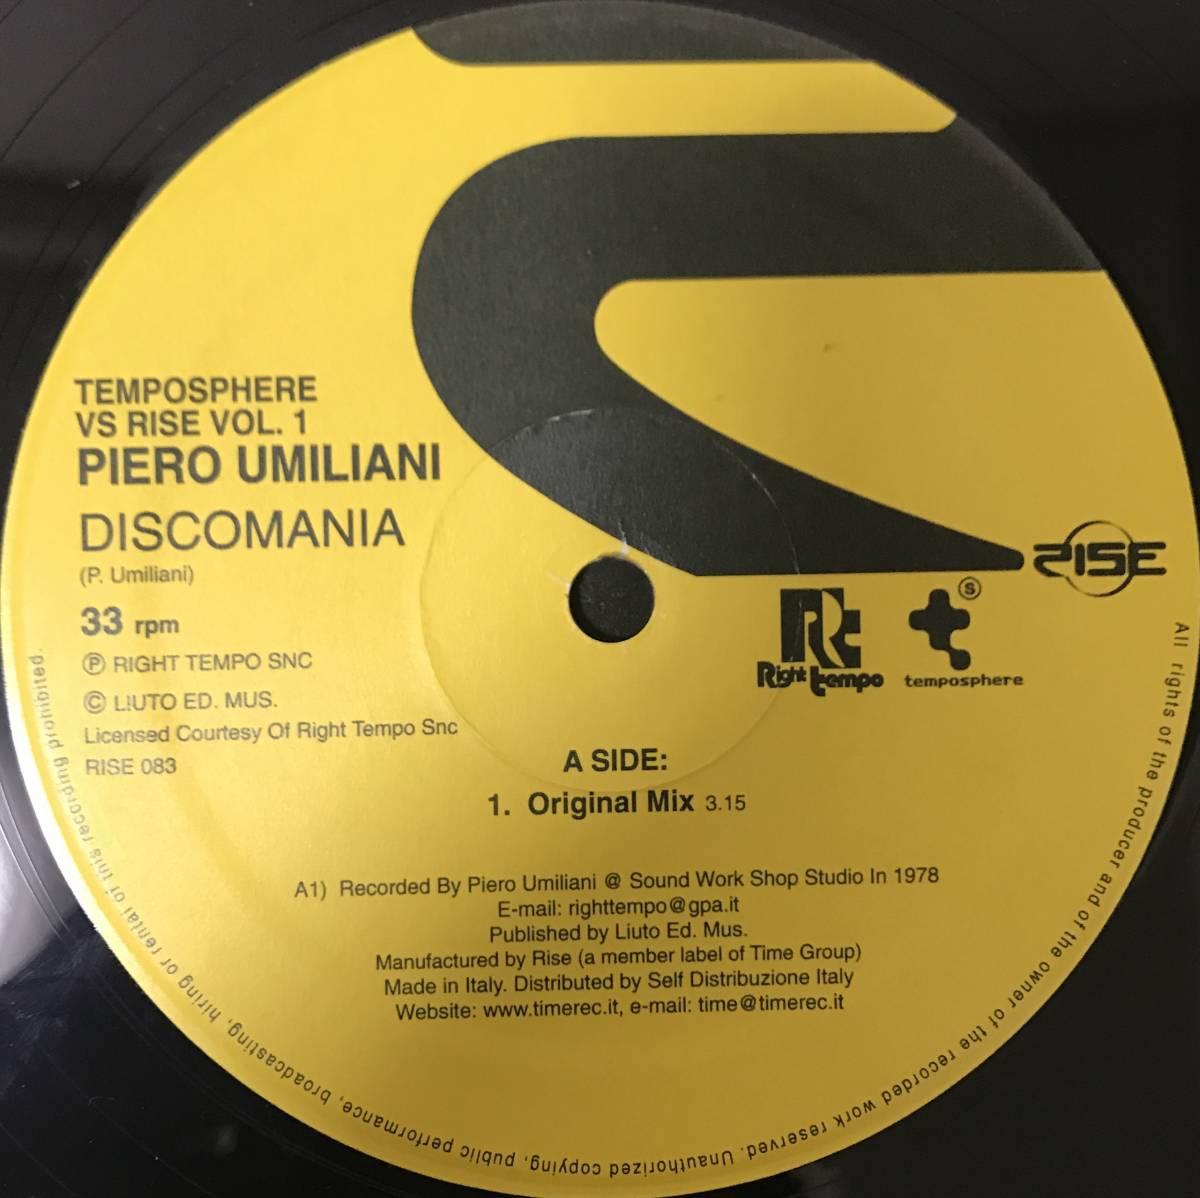 [まとめ売り可][12] Piero Umiliani - Discomania (House) ☆Rise 名曲クラシック! イタリア映画の巨匠 レコード Vinyl_画像3